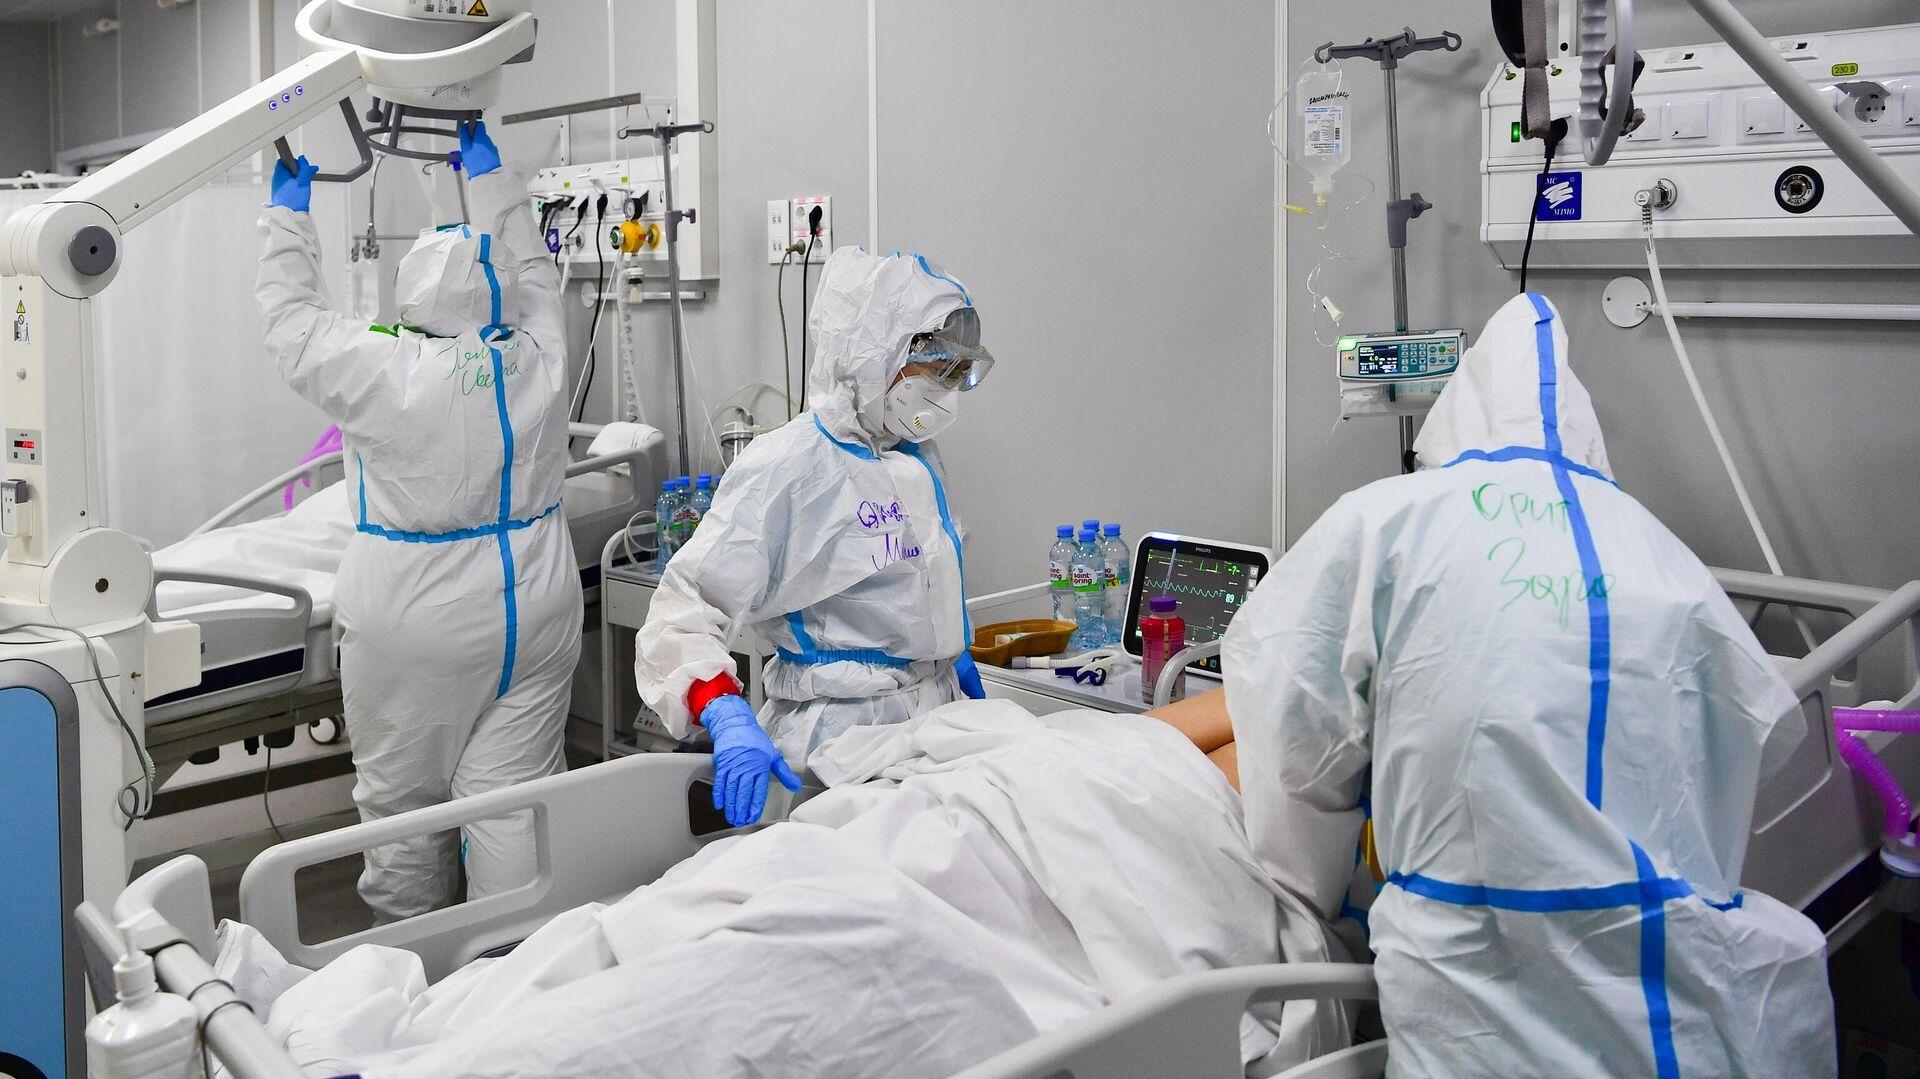 Медицинские работники и пациенты во временном госпитале для пациентов с COVID-19 в Москве - РИА Новости, 1920, 04.07.2021